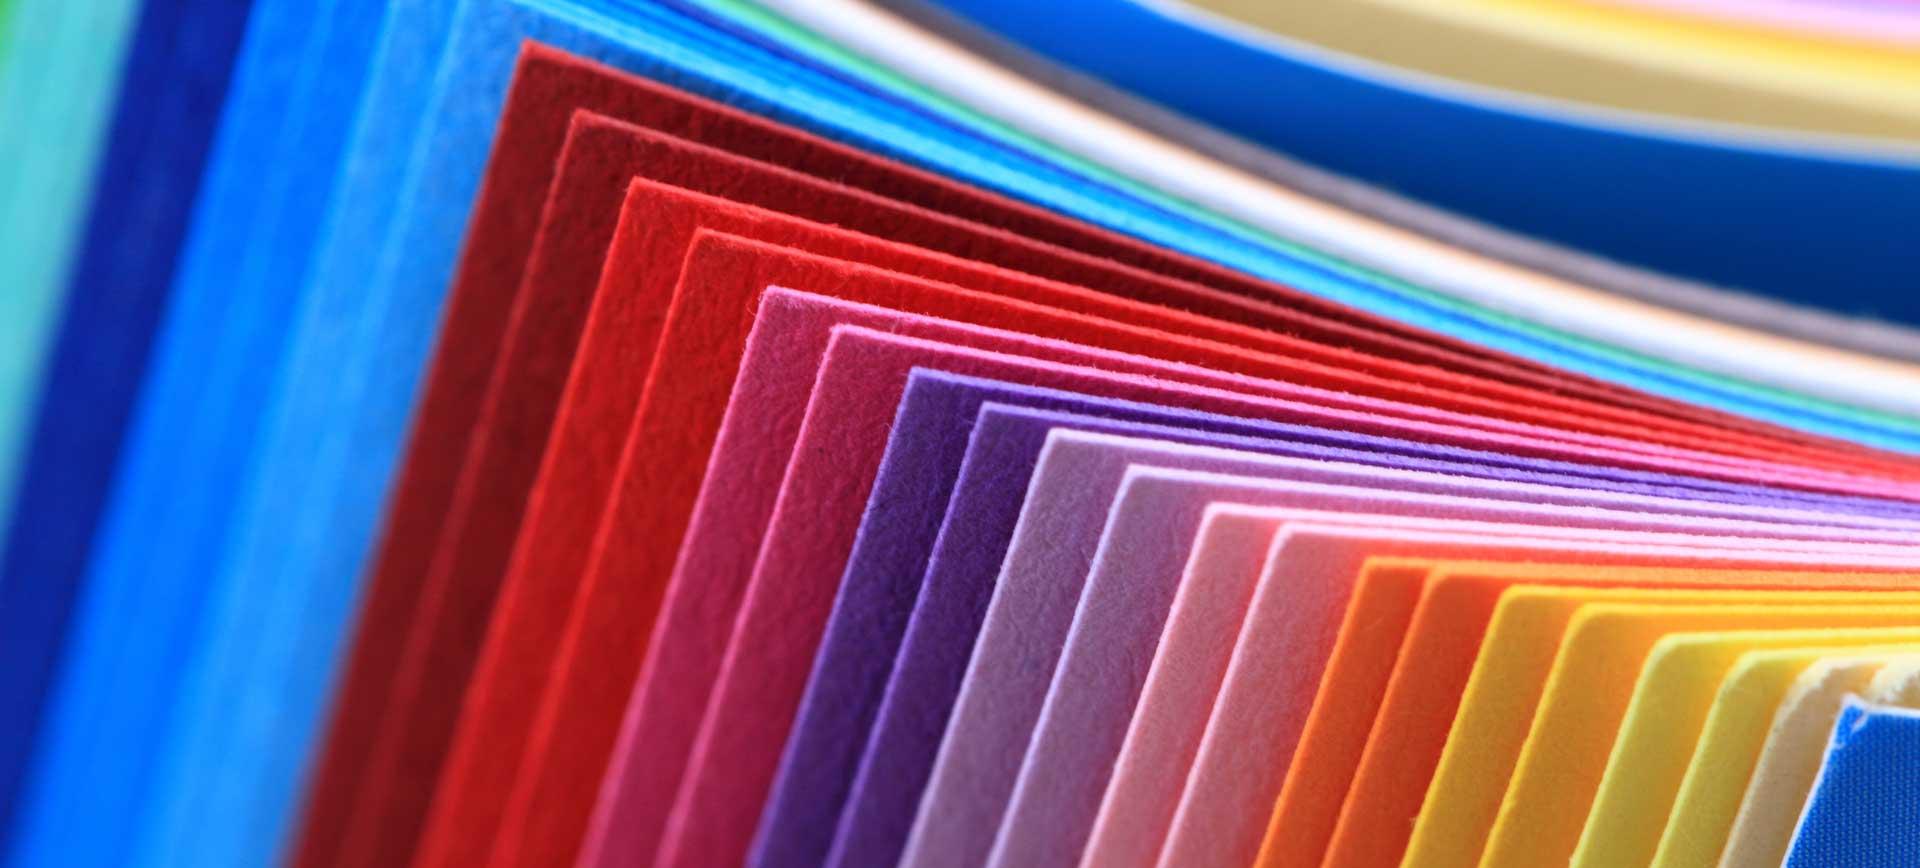 farbwahl bei einladungskarten abh ngig vom anlass. Black Bedroom Furniture Sets. Home Design Ideas